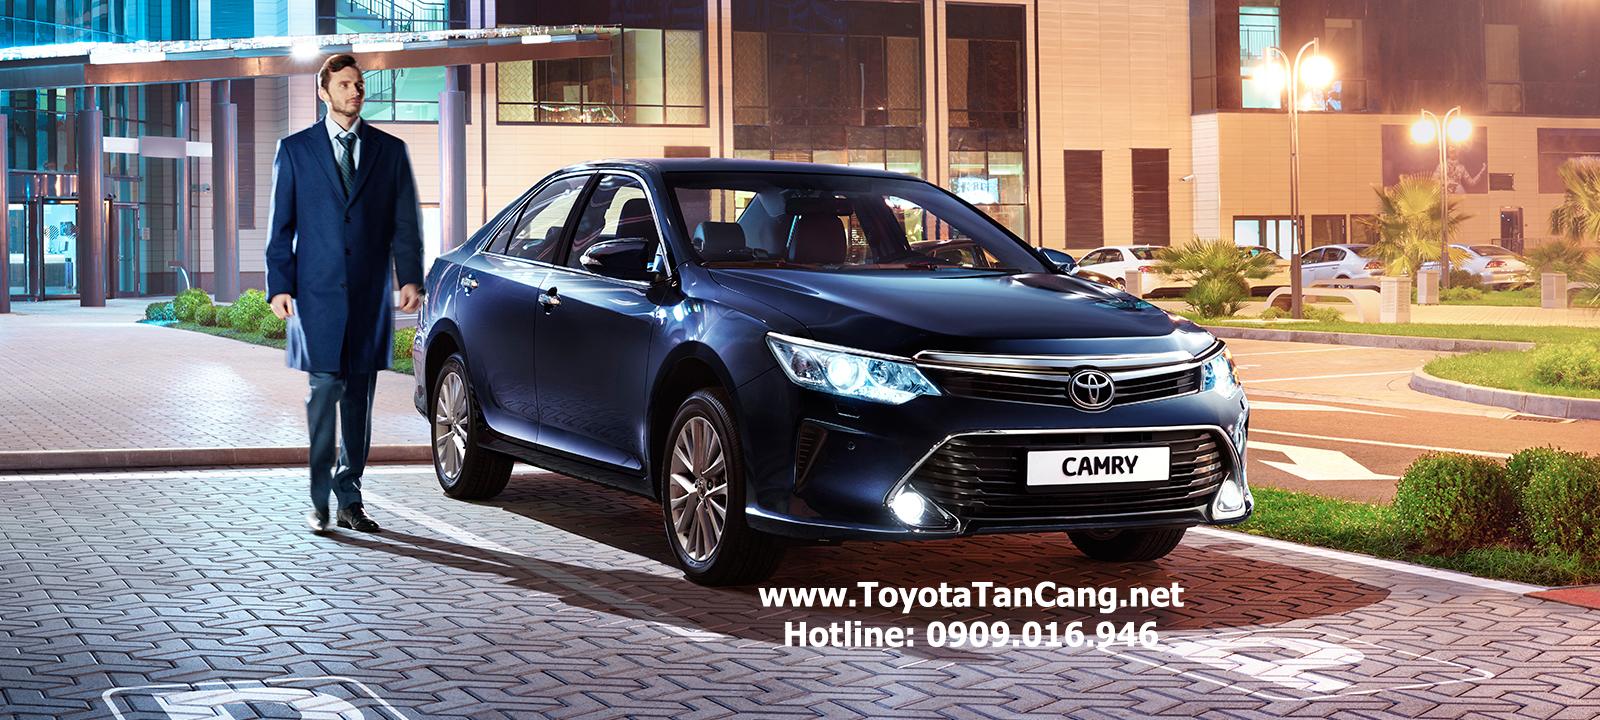 toyota camry 2015 toyota tan cang 30 -  - Với chỉ 400 triệu đồng có thể mua Xe Toyota Camry 2015 ?